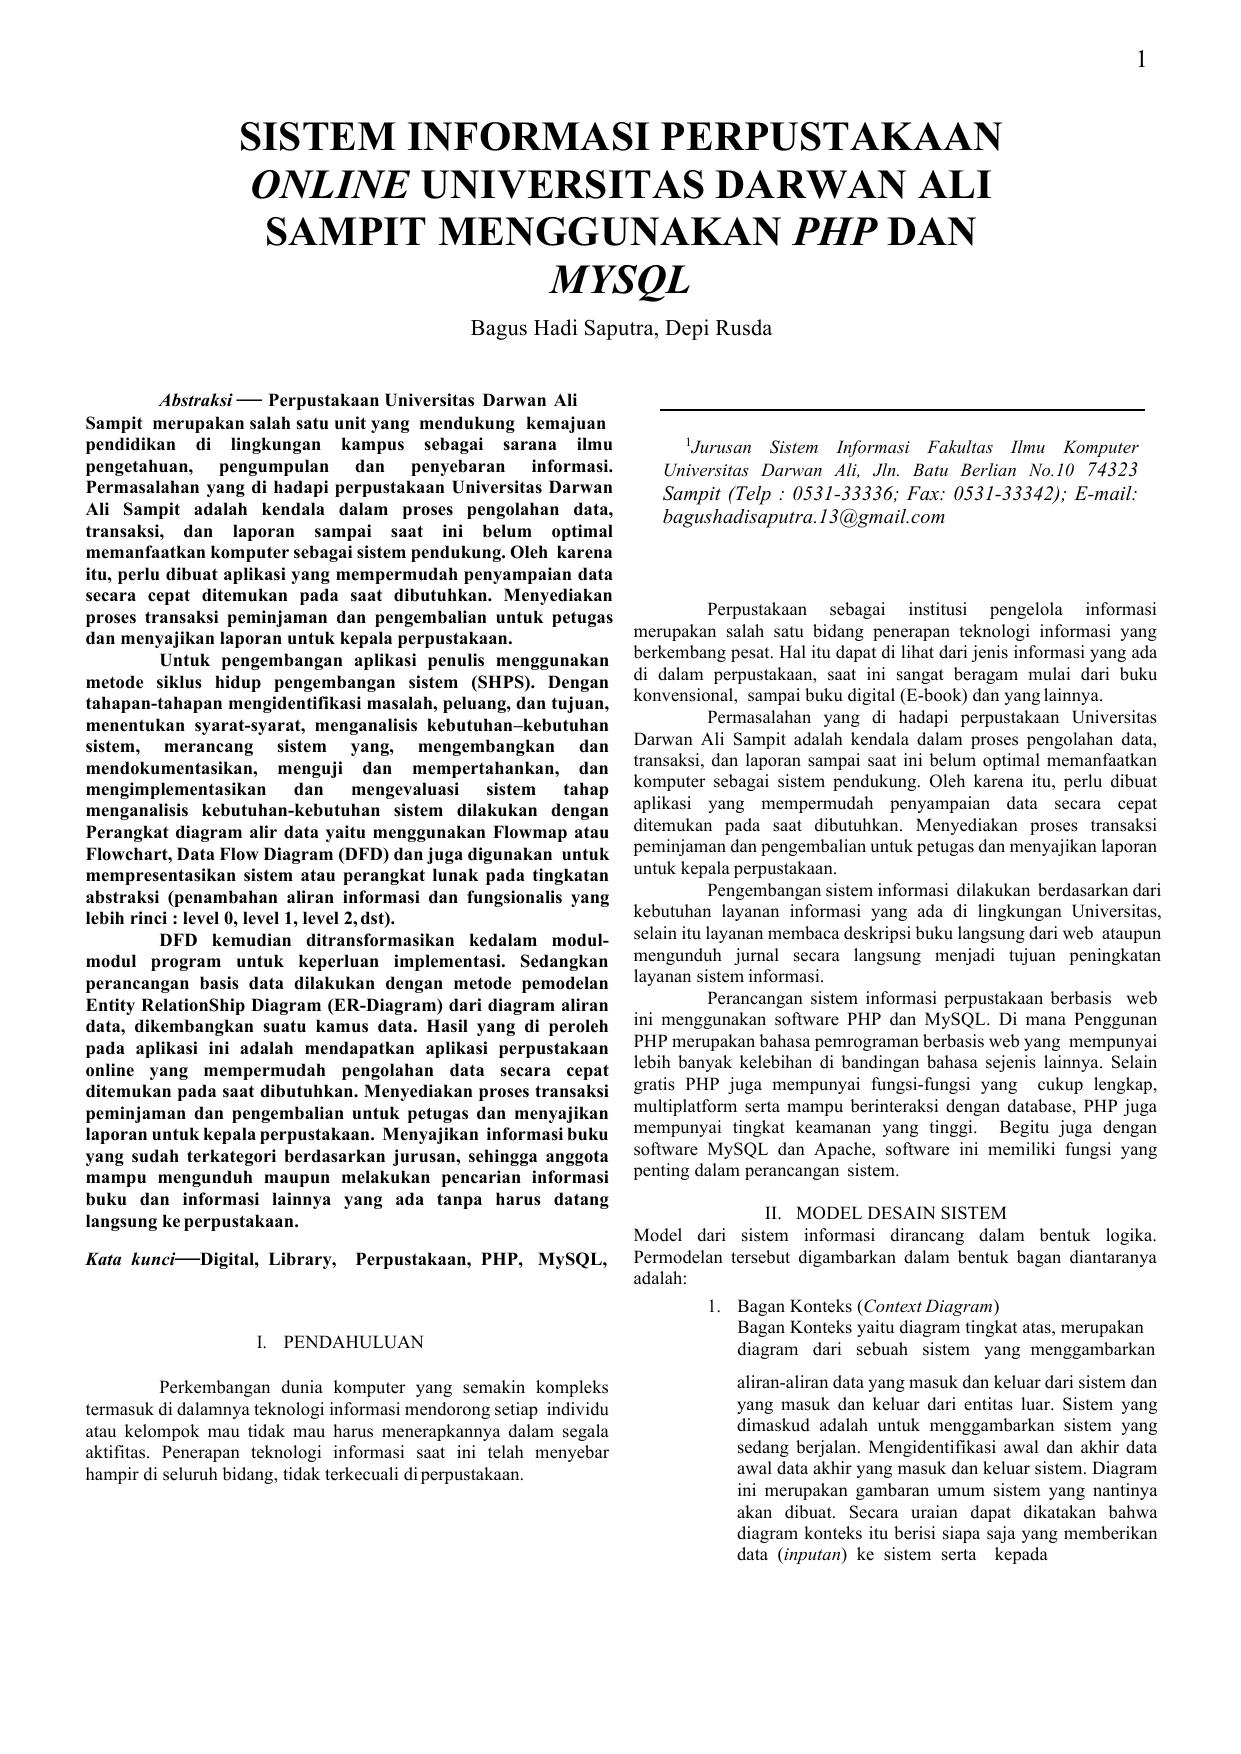 Sistem informasi perpustakaan online universitas darwan ali sampit ccuart Choice Image